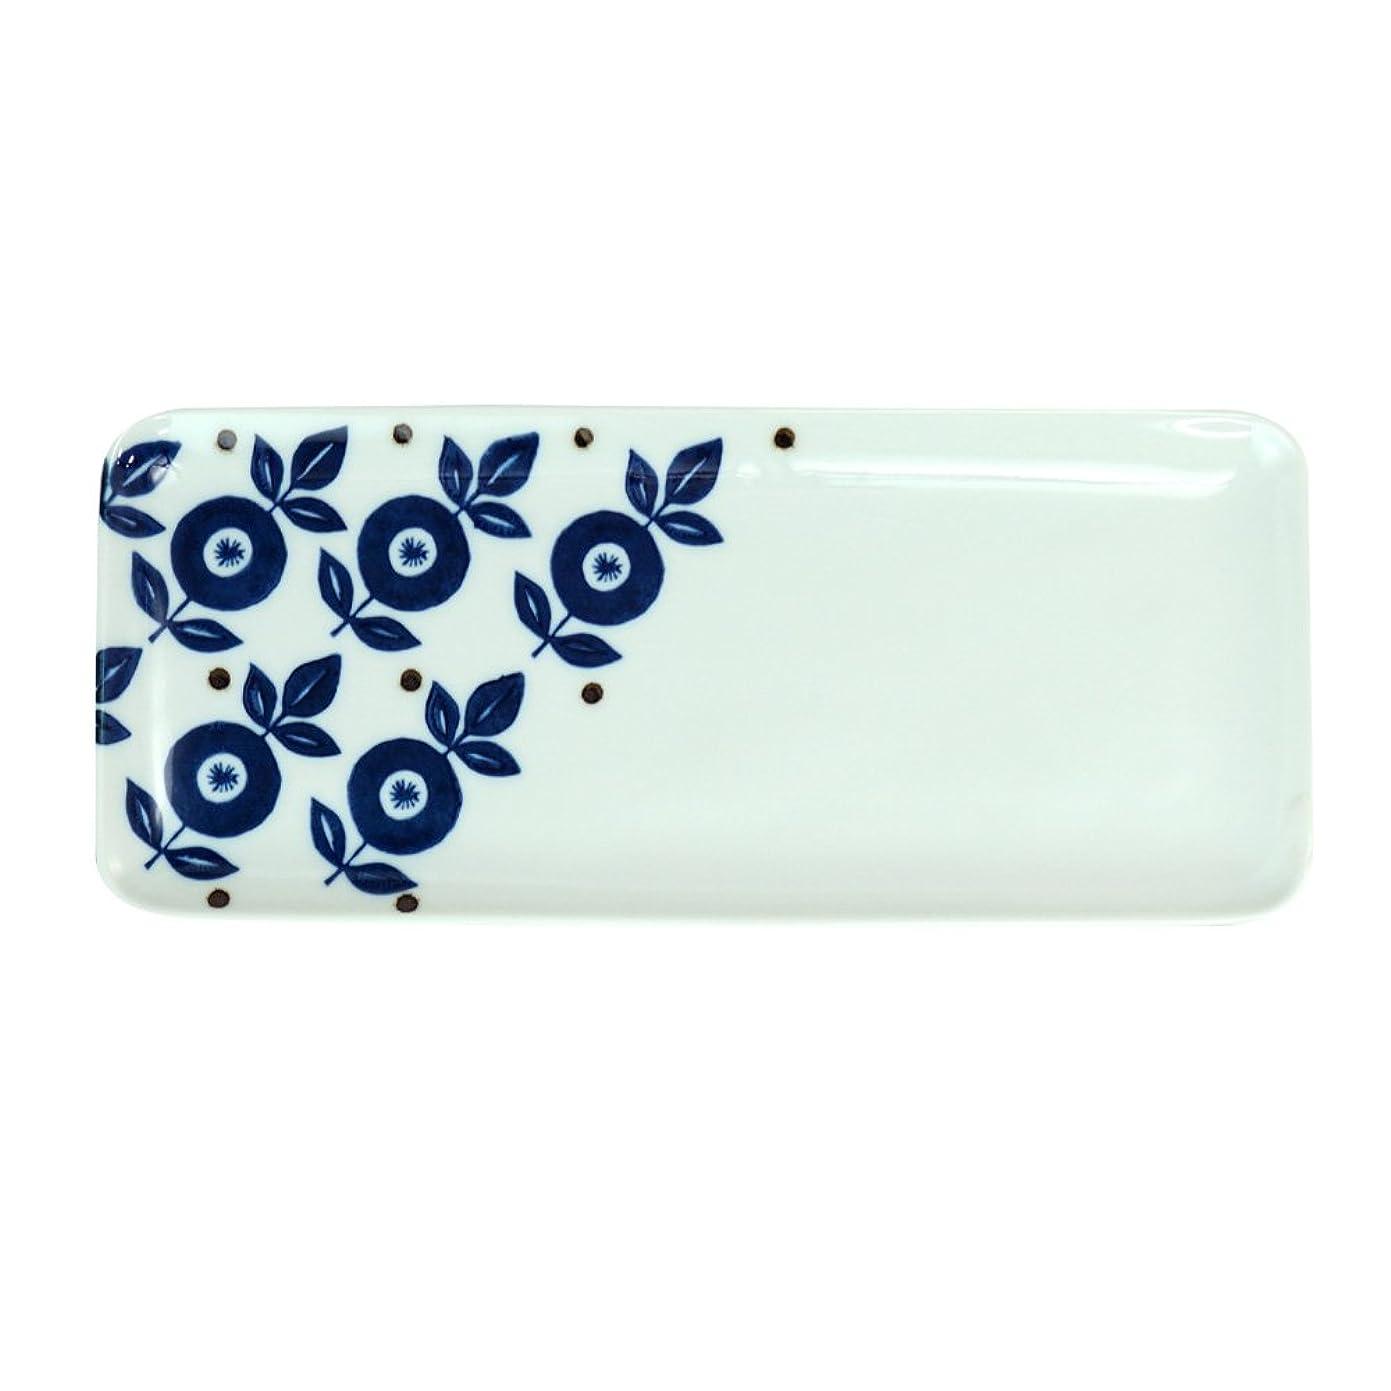 わずかに専門知識スムーズに西海陶器 藍紋様 焼物皿